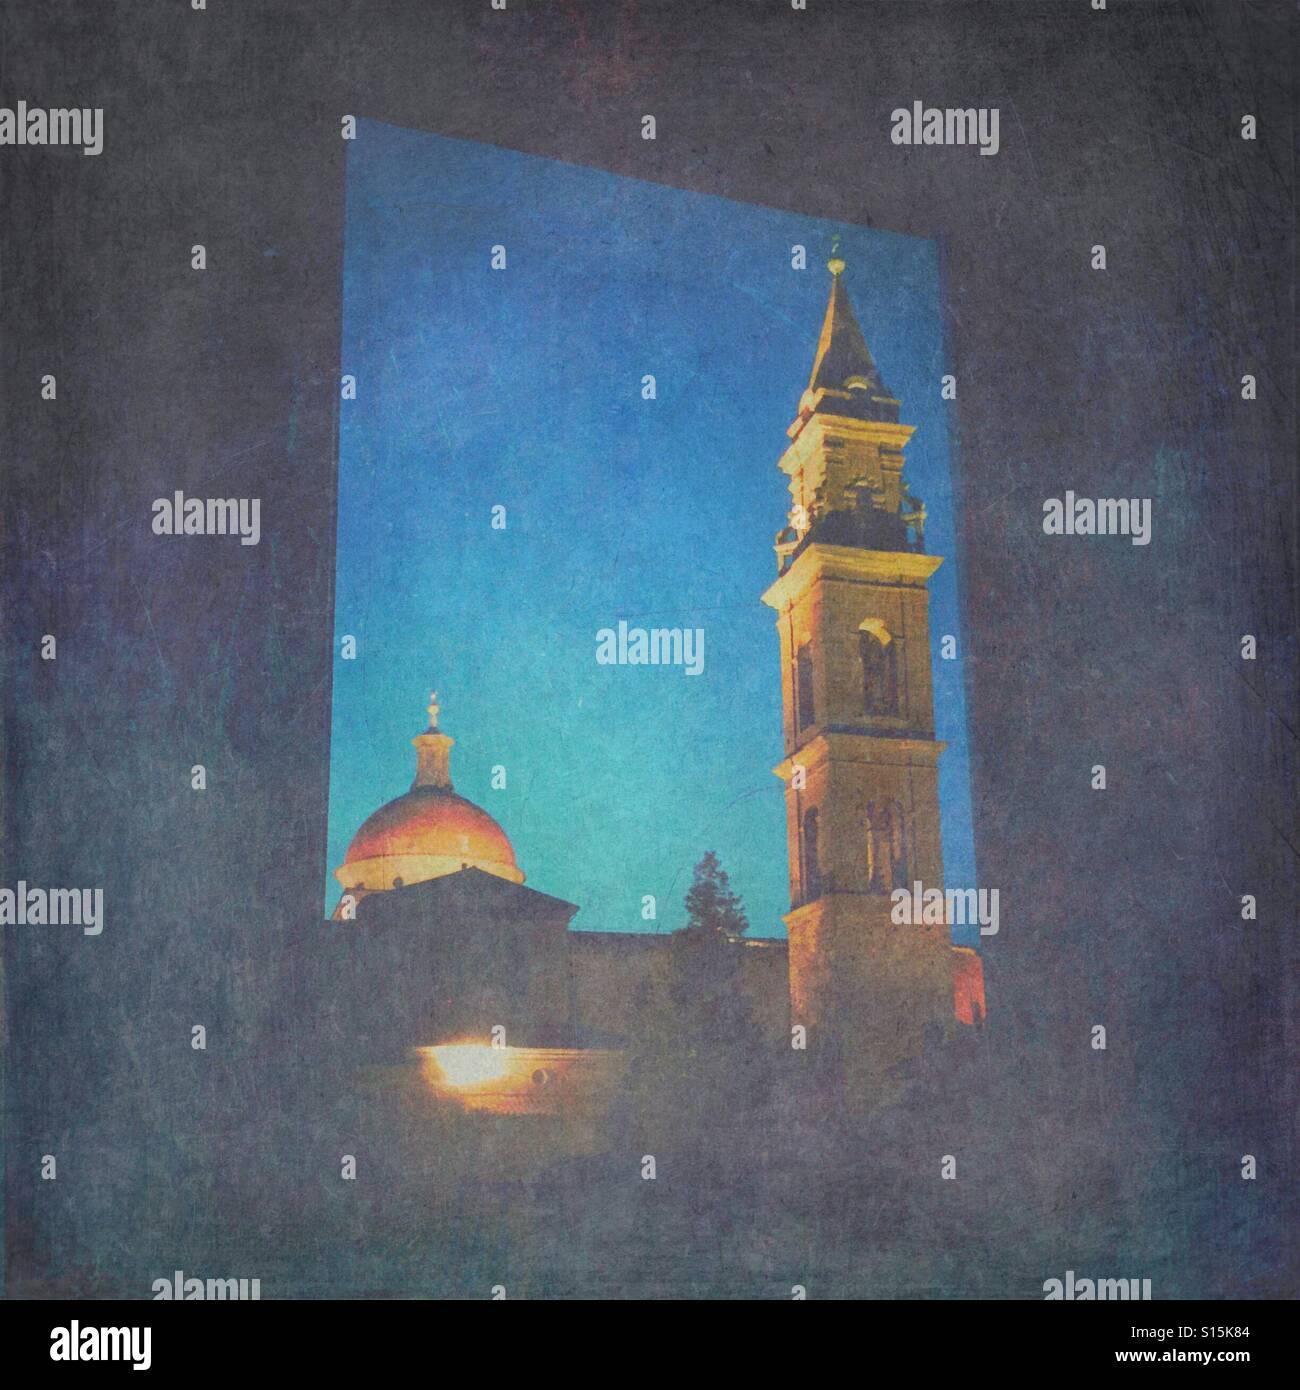 Blick auf die Basilika di Santo Spirito-Kirche in den frühen Morgenstunden während der blauen Stunde, durch Fenster gesehen. Vintage-Papier Textur-Overlay. Stockfoto